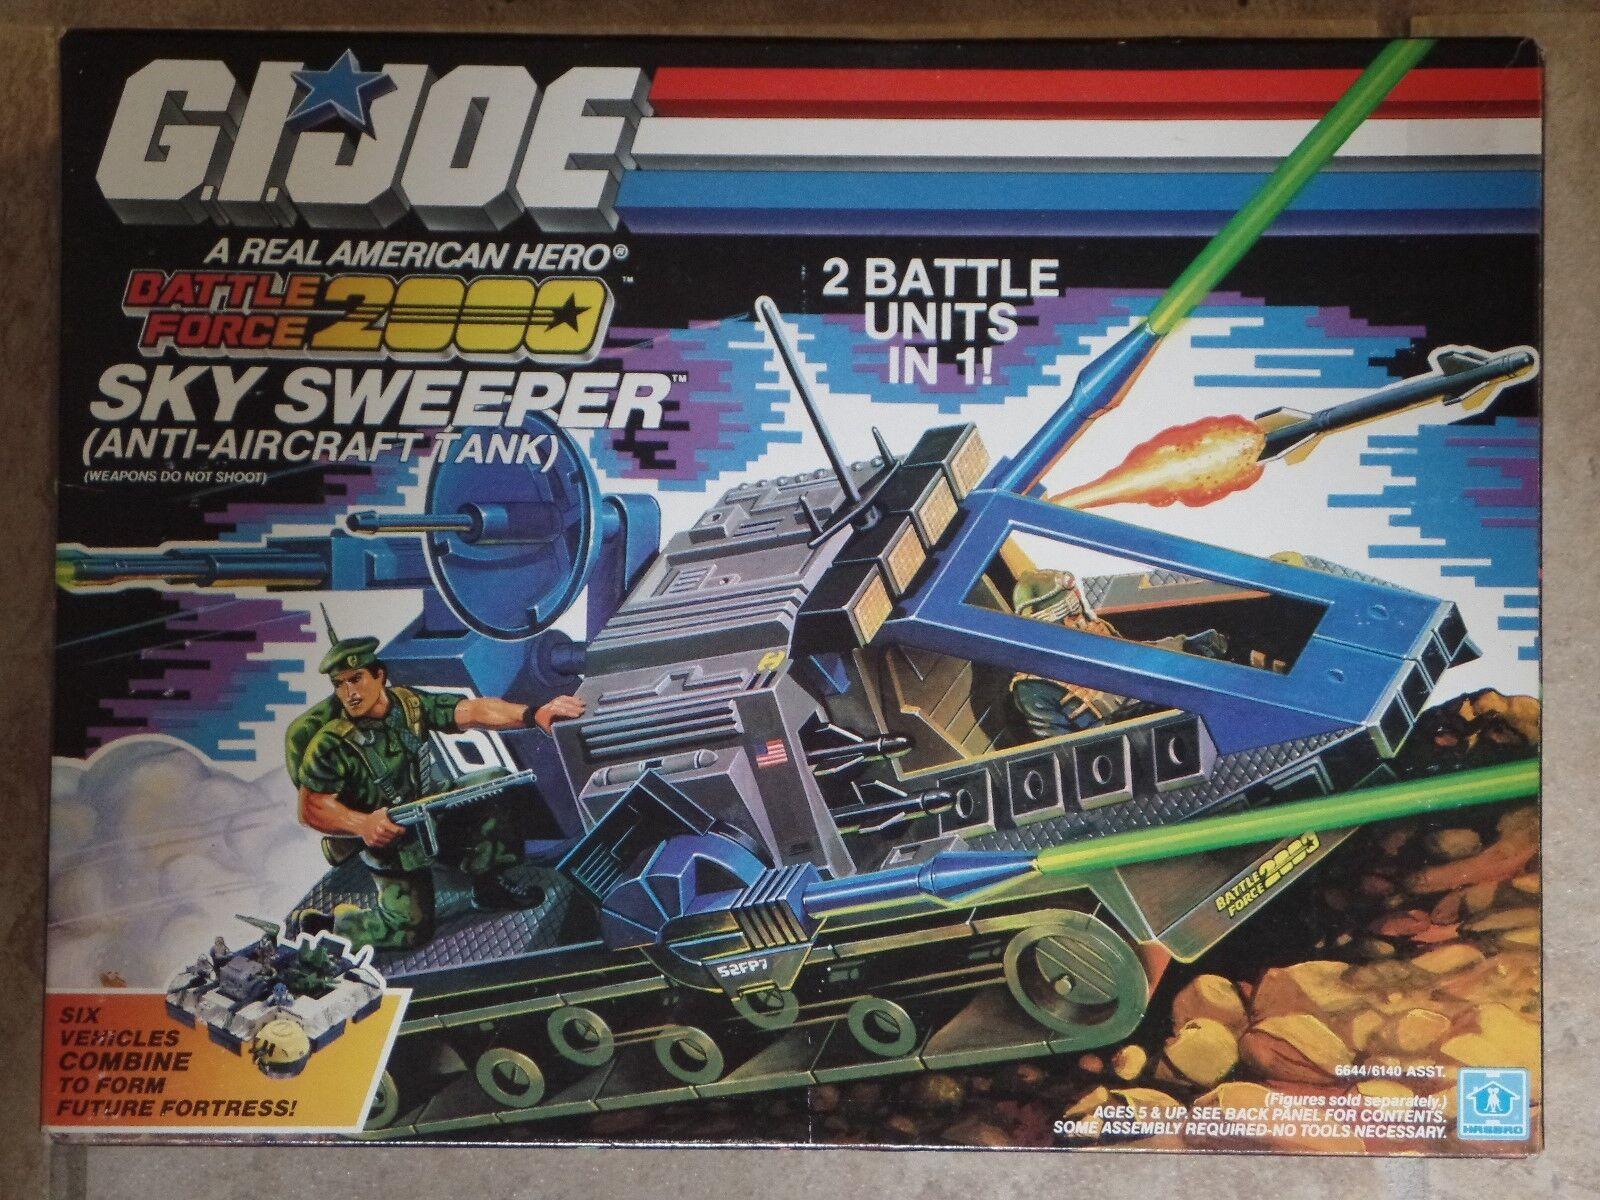 Gi Joe Battle Force 2018 Sky Sweeper Tanque Hasbro 2018 Nuevo Sellado Menta en Caja Sellada